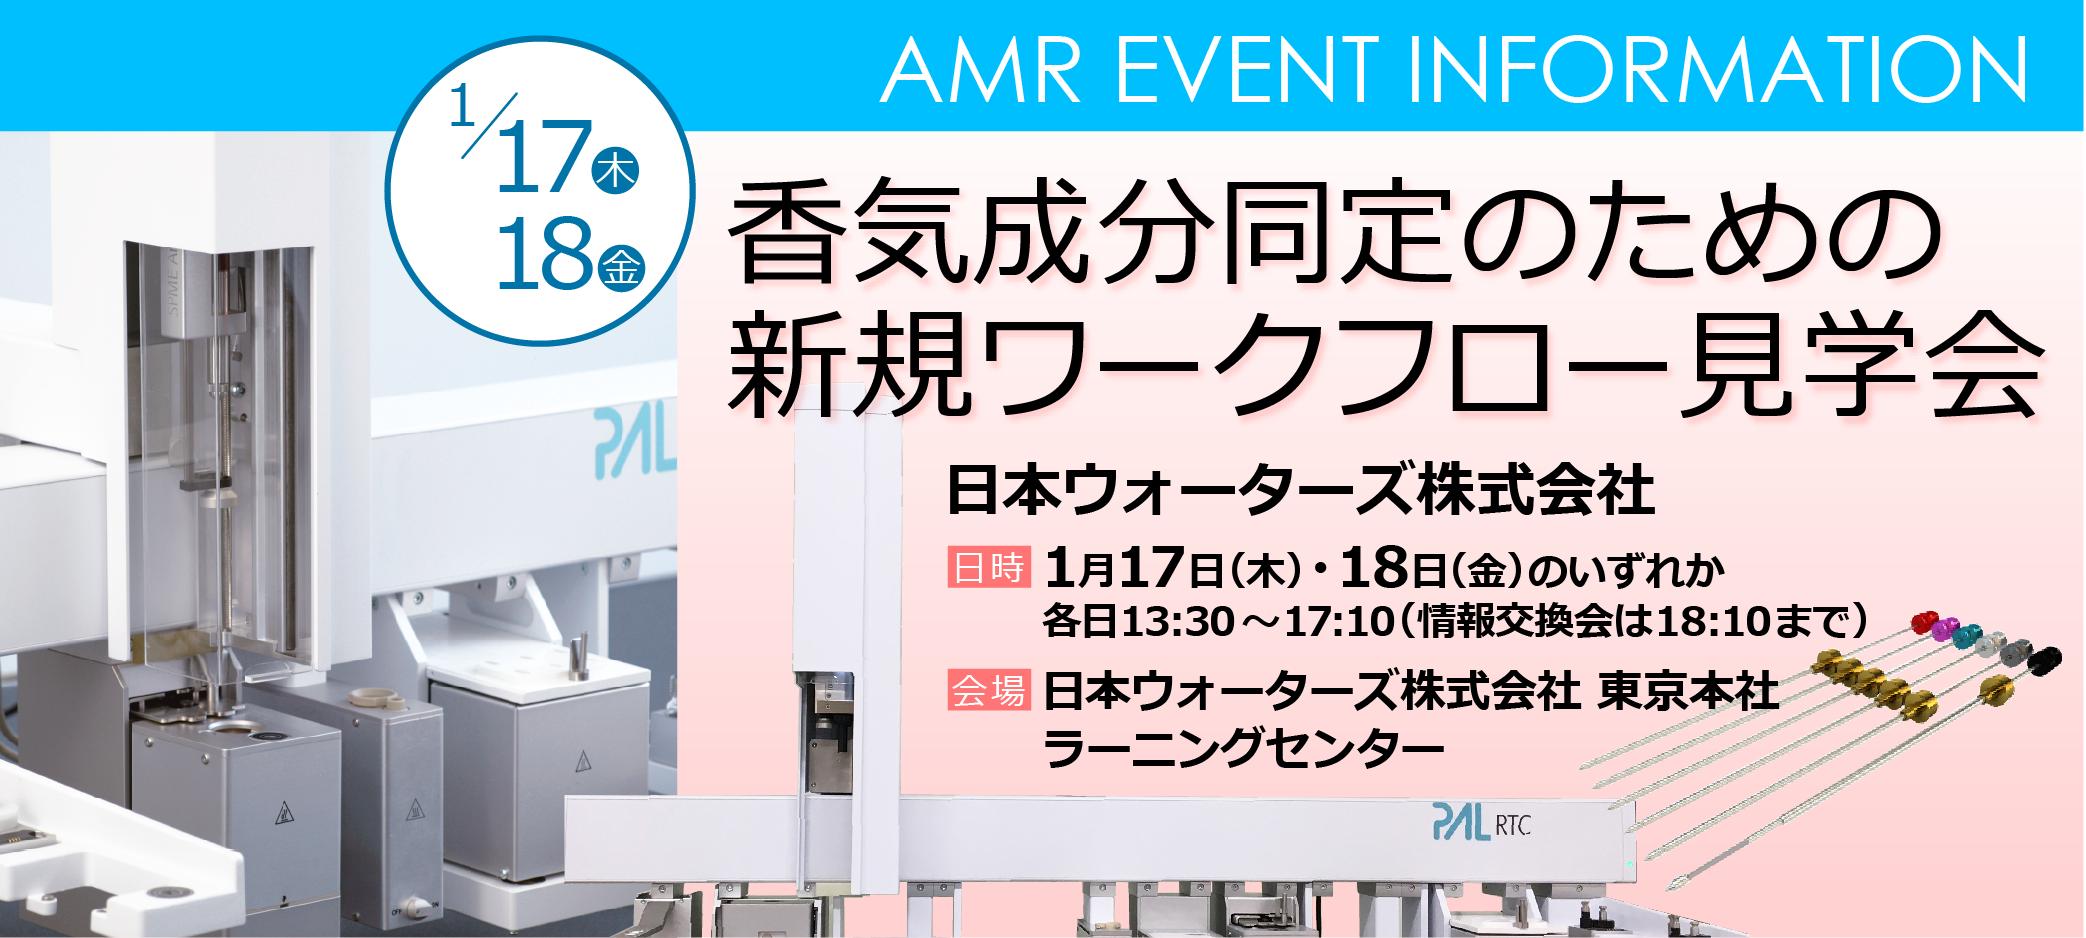 「香気成分同定のための新規ワークフロー見学会」in 日本ウォーターズ株式会社